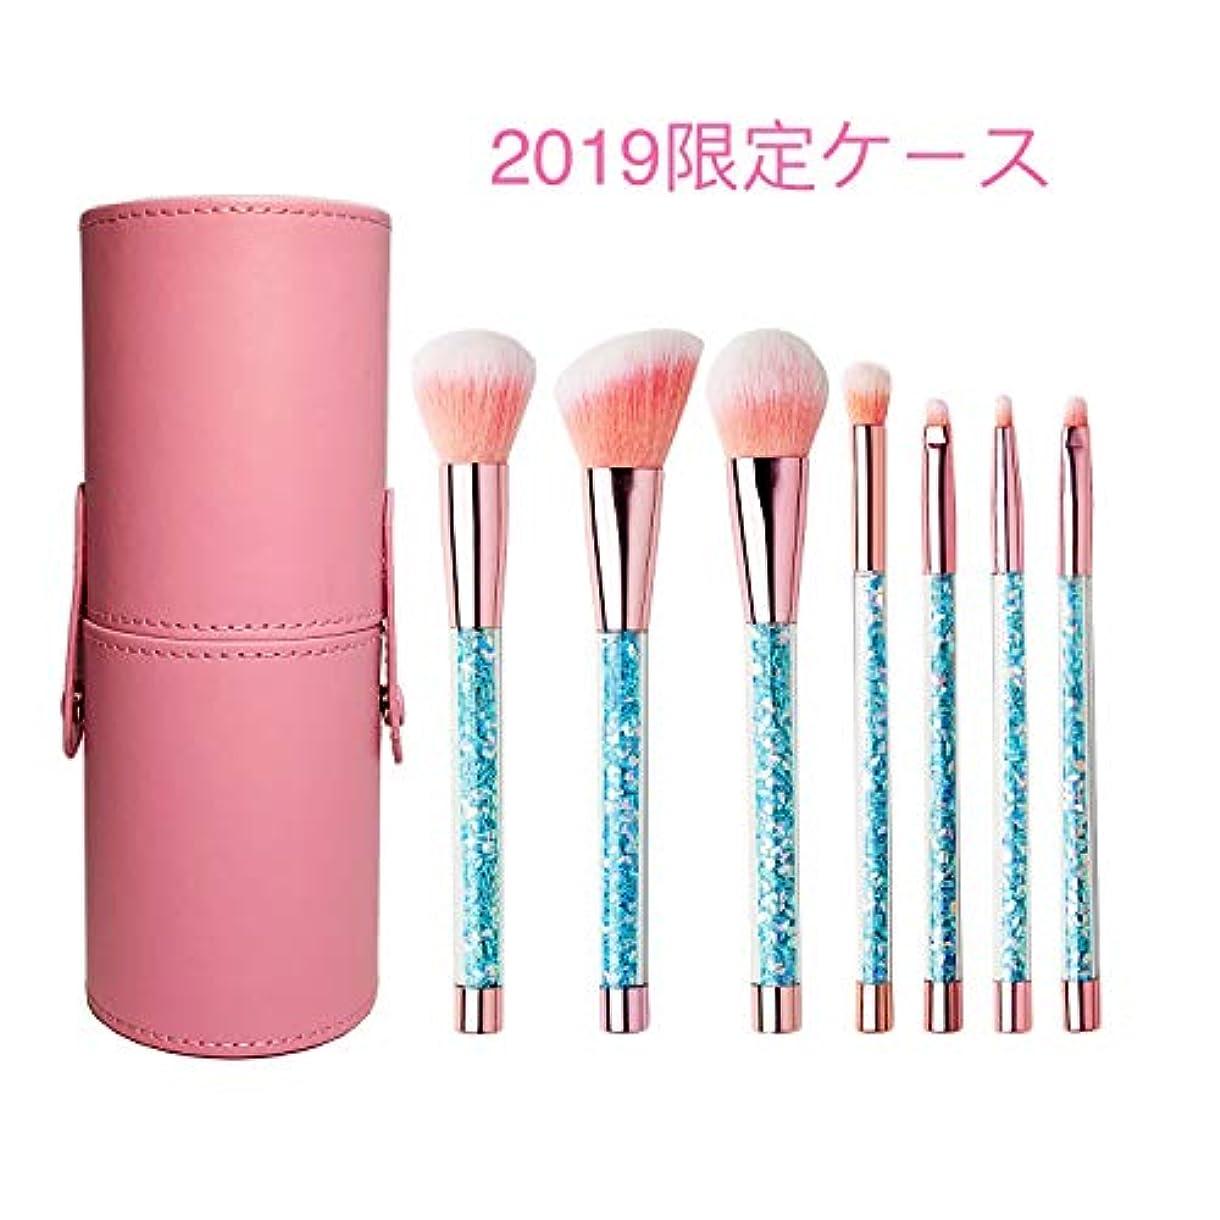 一時的精査奇跡的なDinetry メイクブラシ 7本セット 化粧筆 ファンデーションブラシ フェイスブラシ 高級毛質 収納ケース付き ピンク